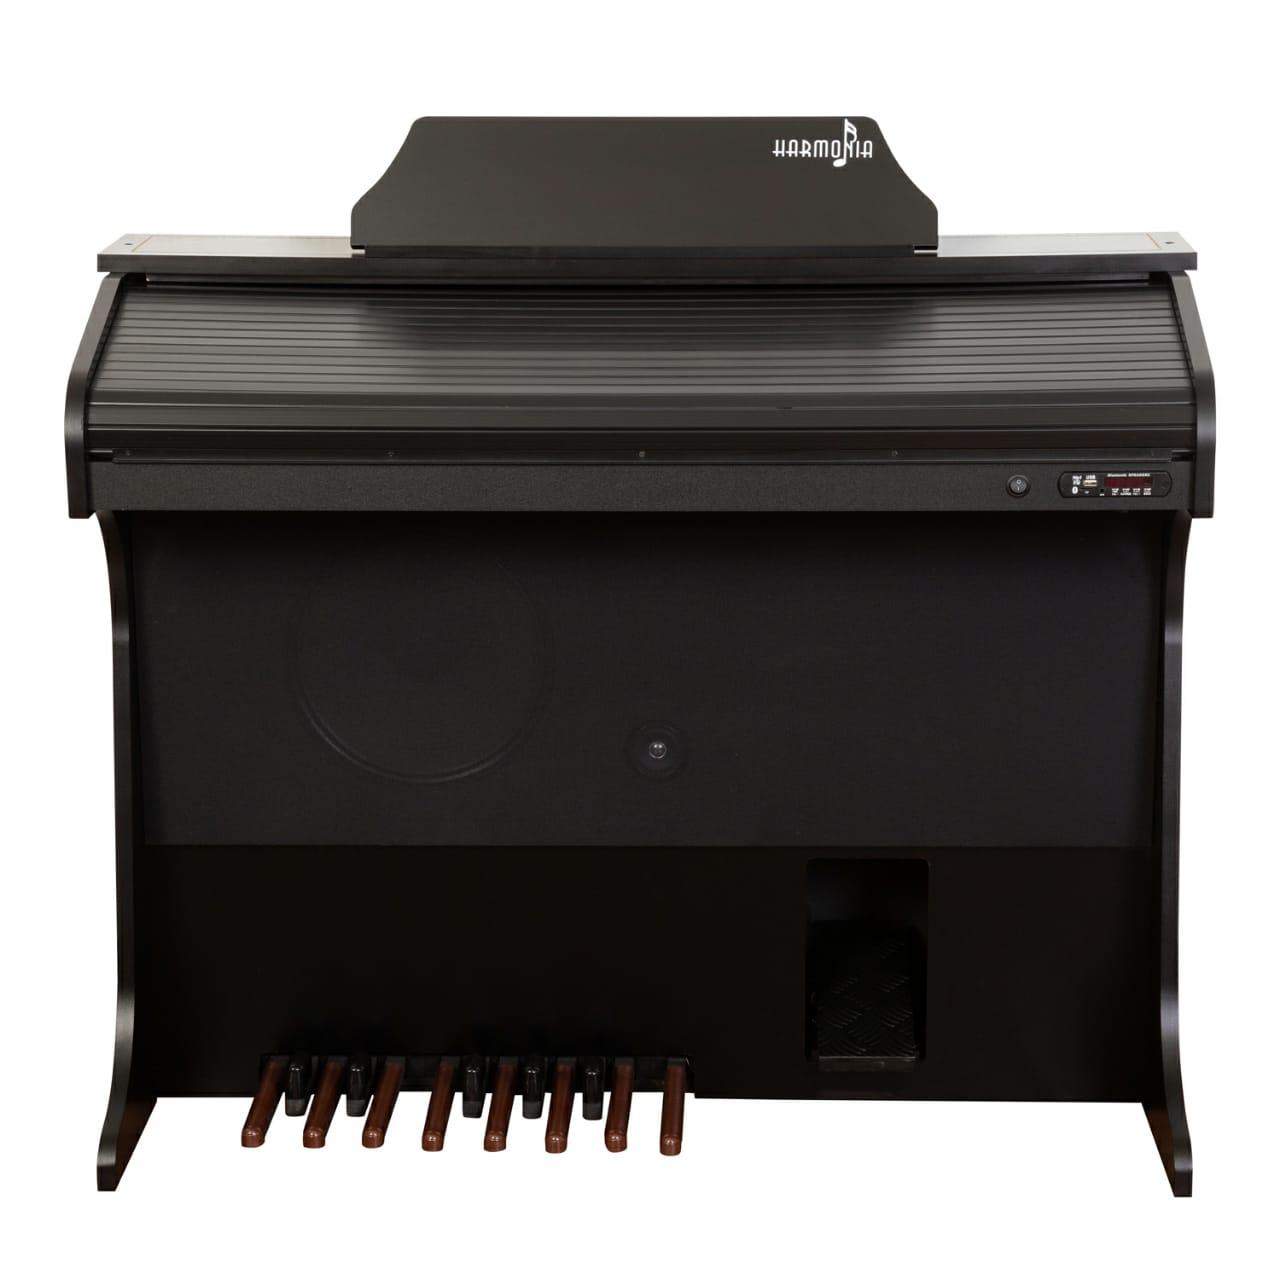 Órgão Harmonia HS-75 Preto Fosco  - Luggi Instrumentos Musicais